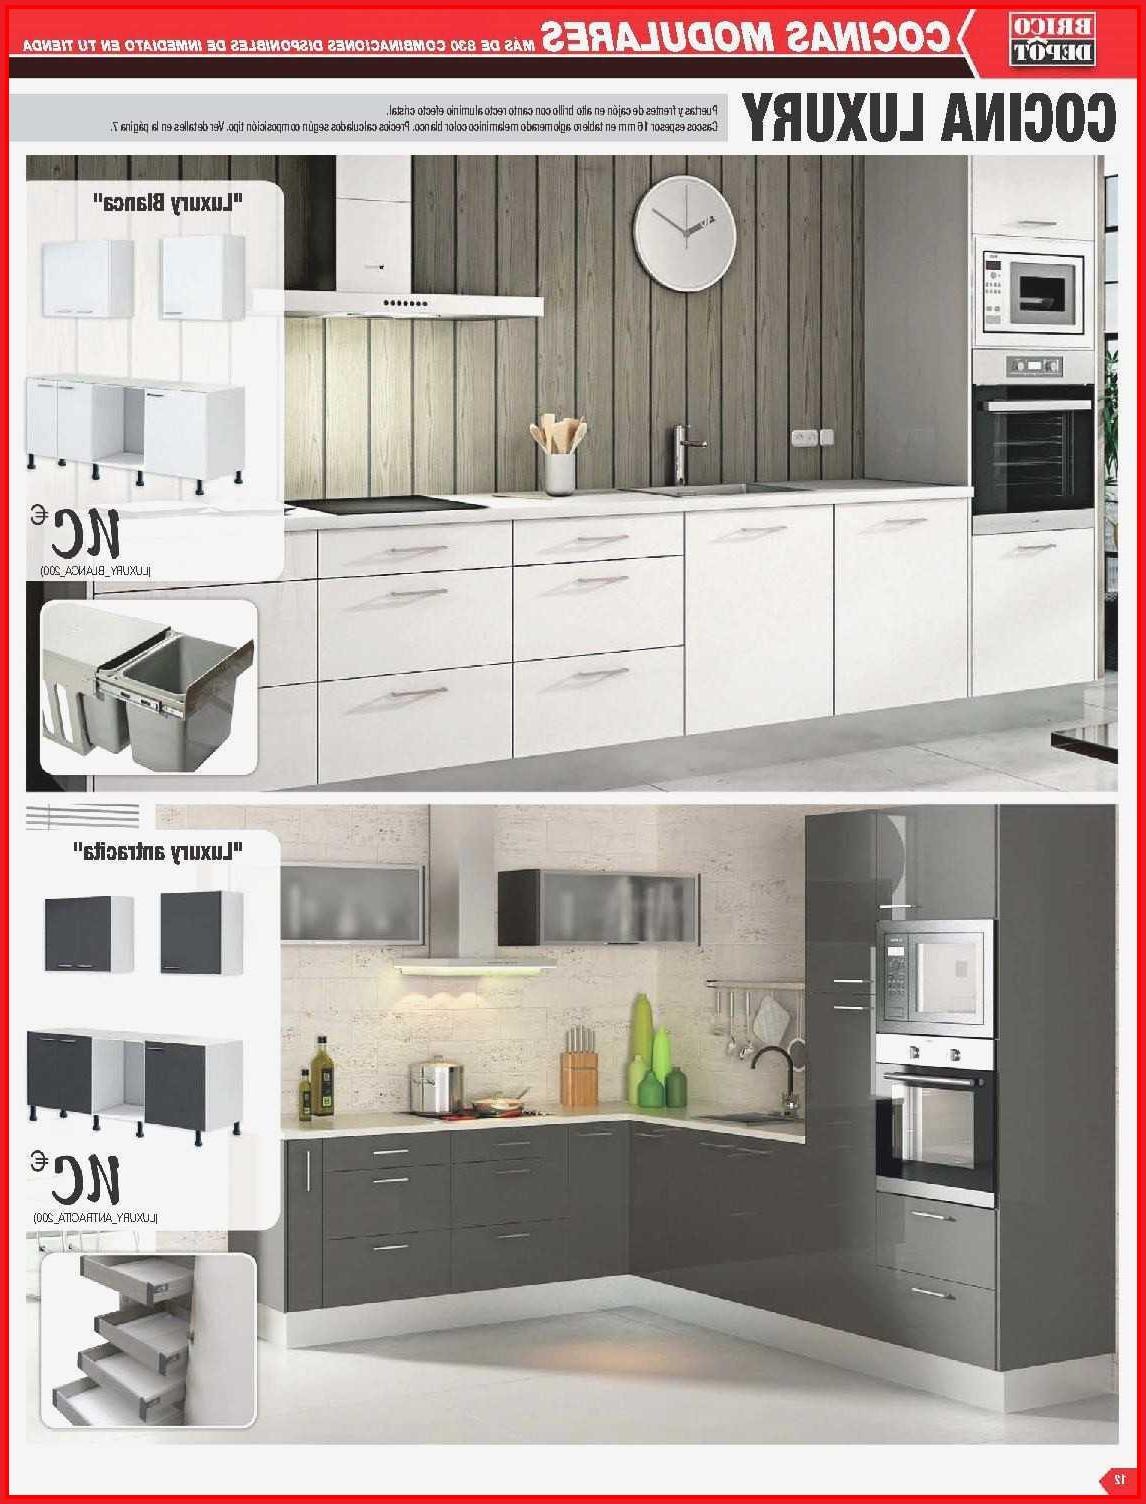 Muebles De Cocina Brico Depot Kvdd Cocinas Brico Depot ...